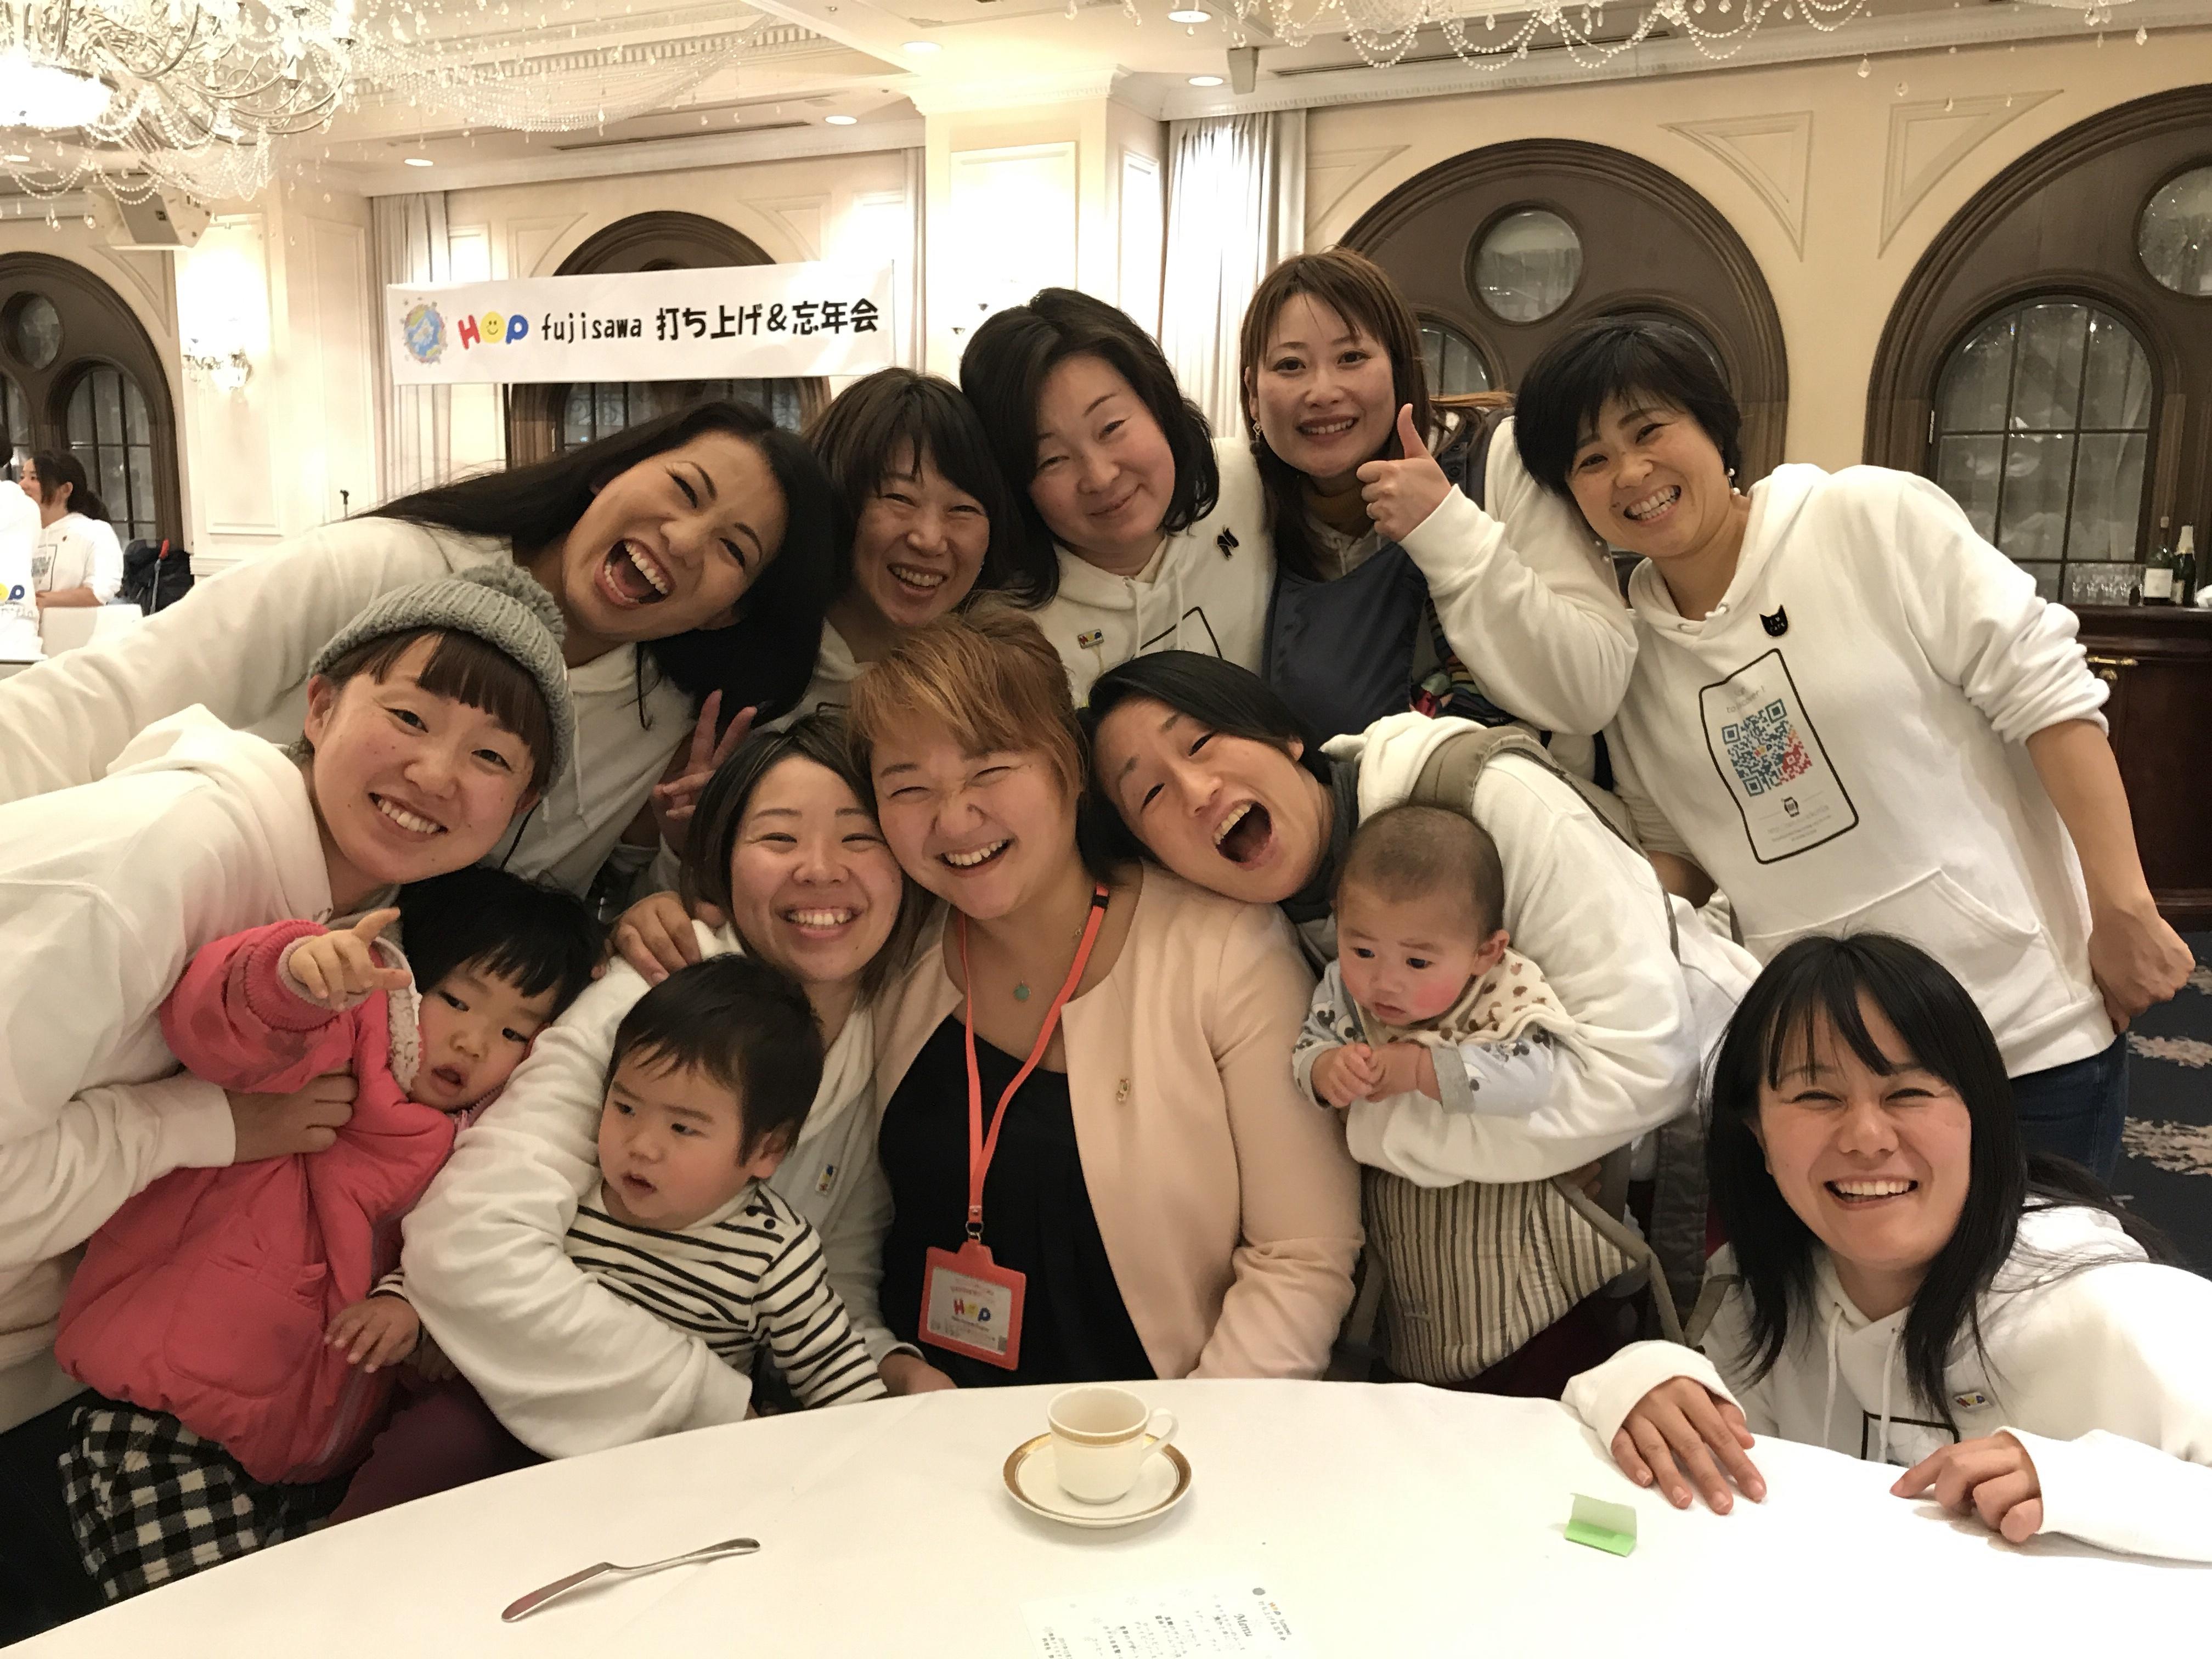 藤沢なんだけれど、藤沢だけじゃないんだよー!!!!香川県から瀬尾有紀子だだだだだだだ!!!!!!